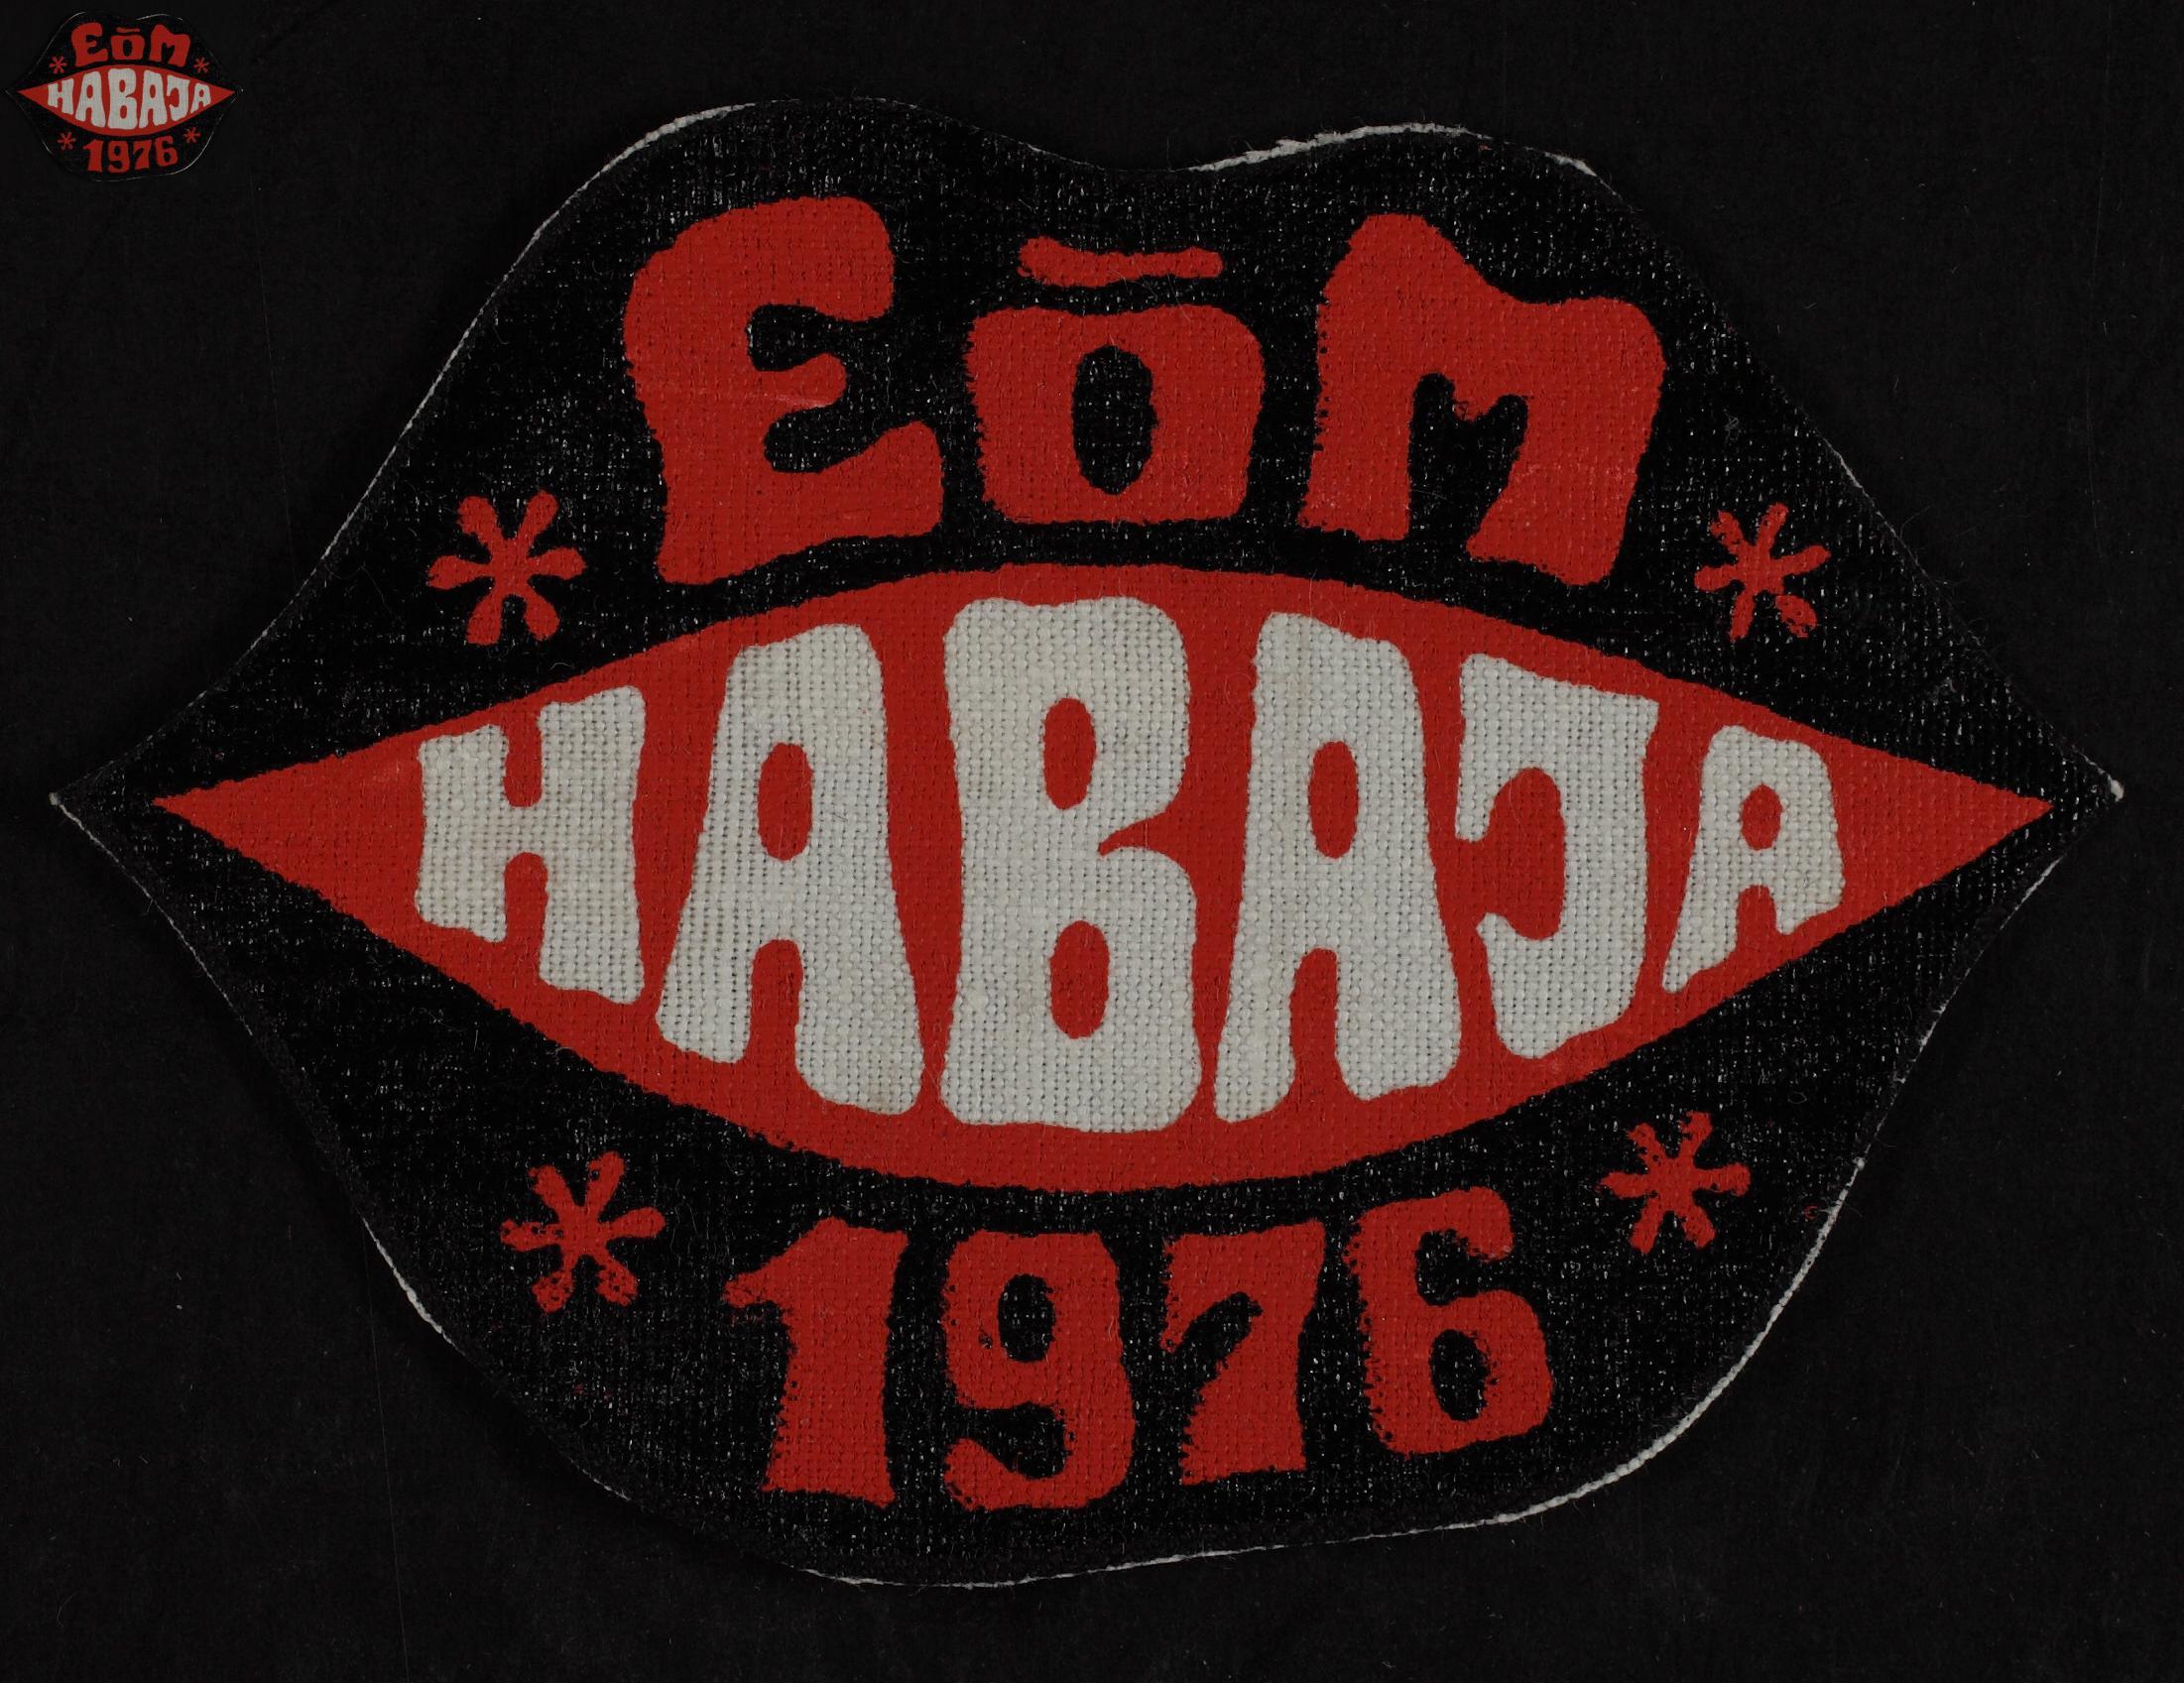 Maleva embleem, Habaja 1976 / Secondary School Students' Building Brigade emblem, Habaja 1976